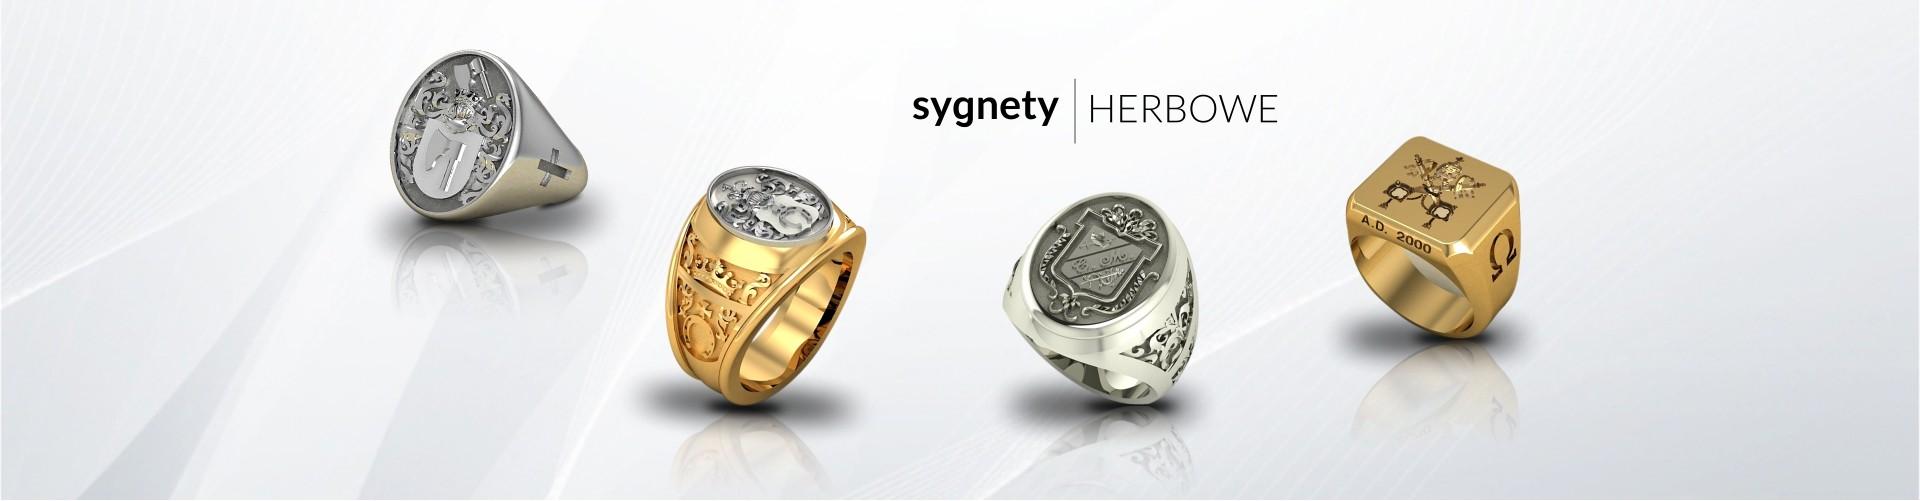 Sygnety Herbowe